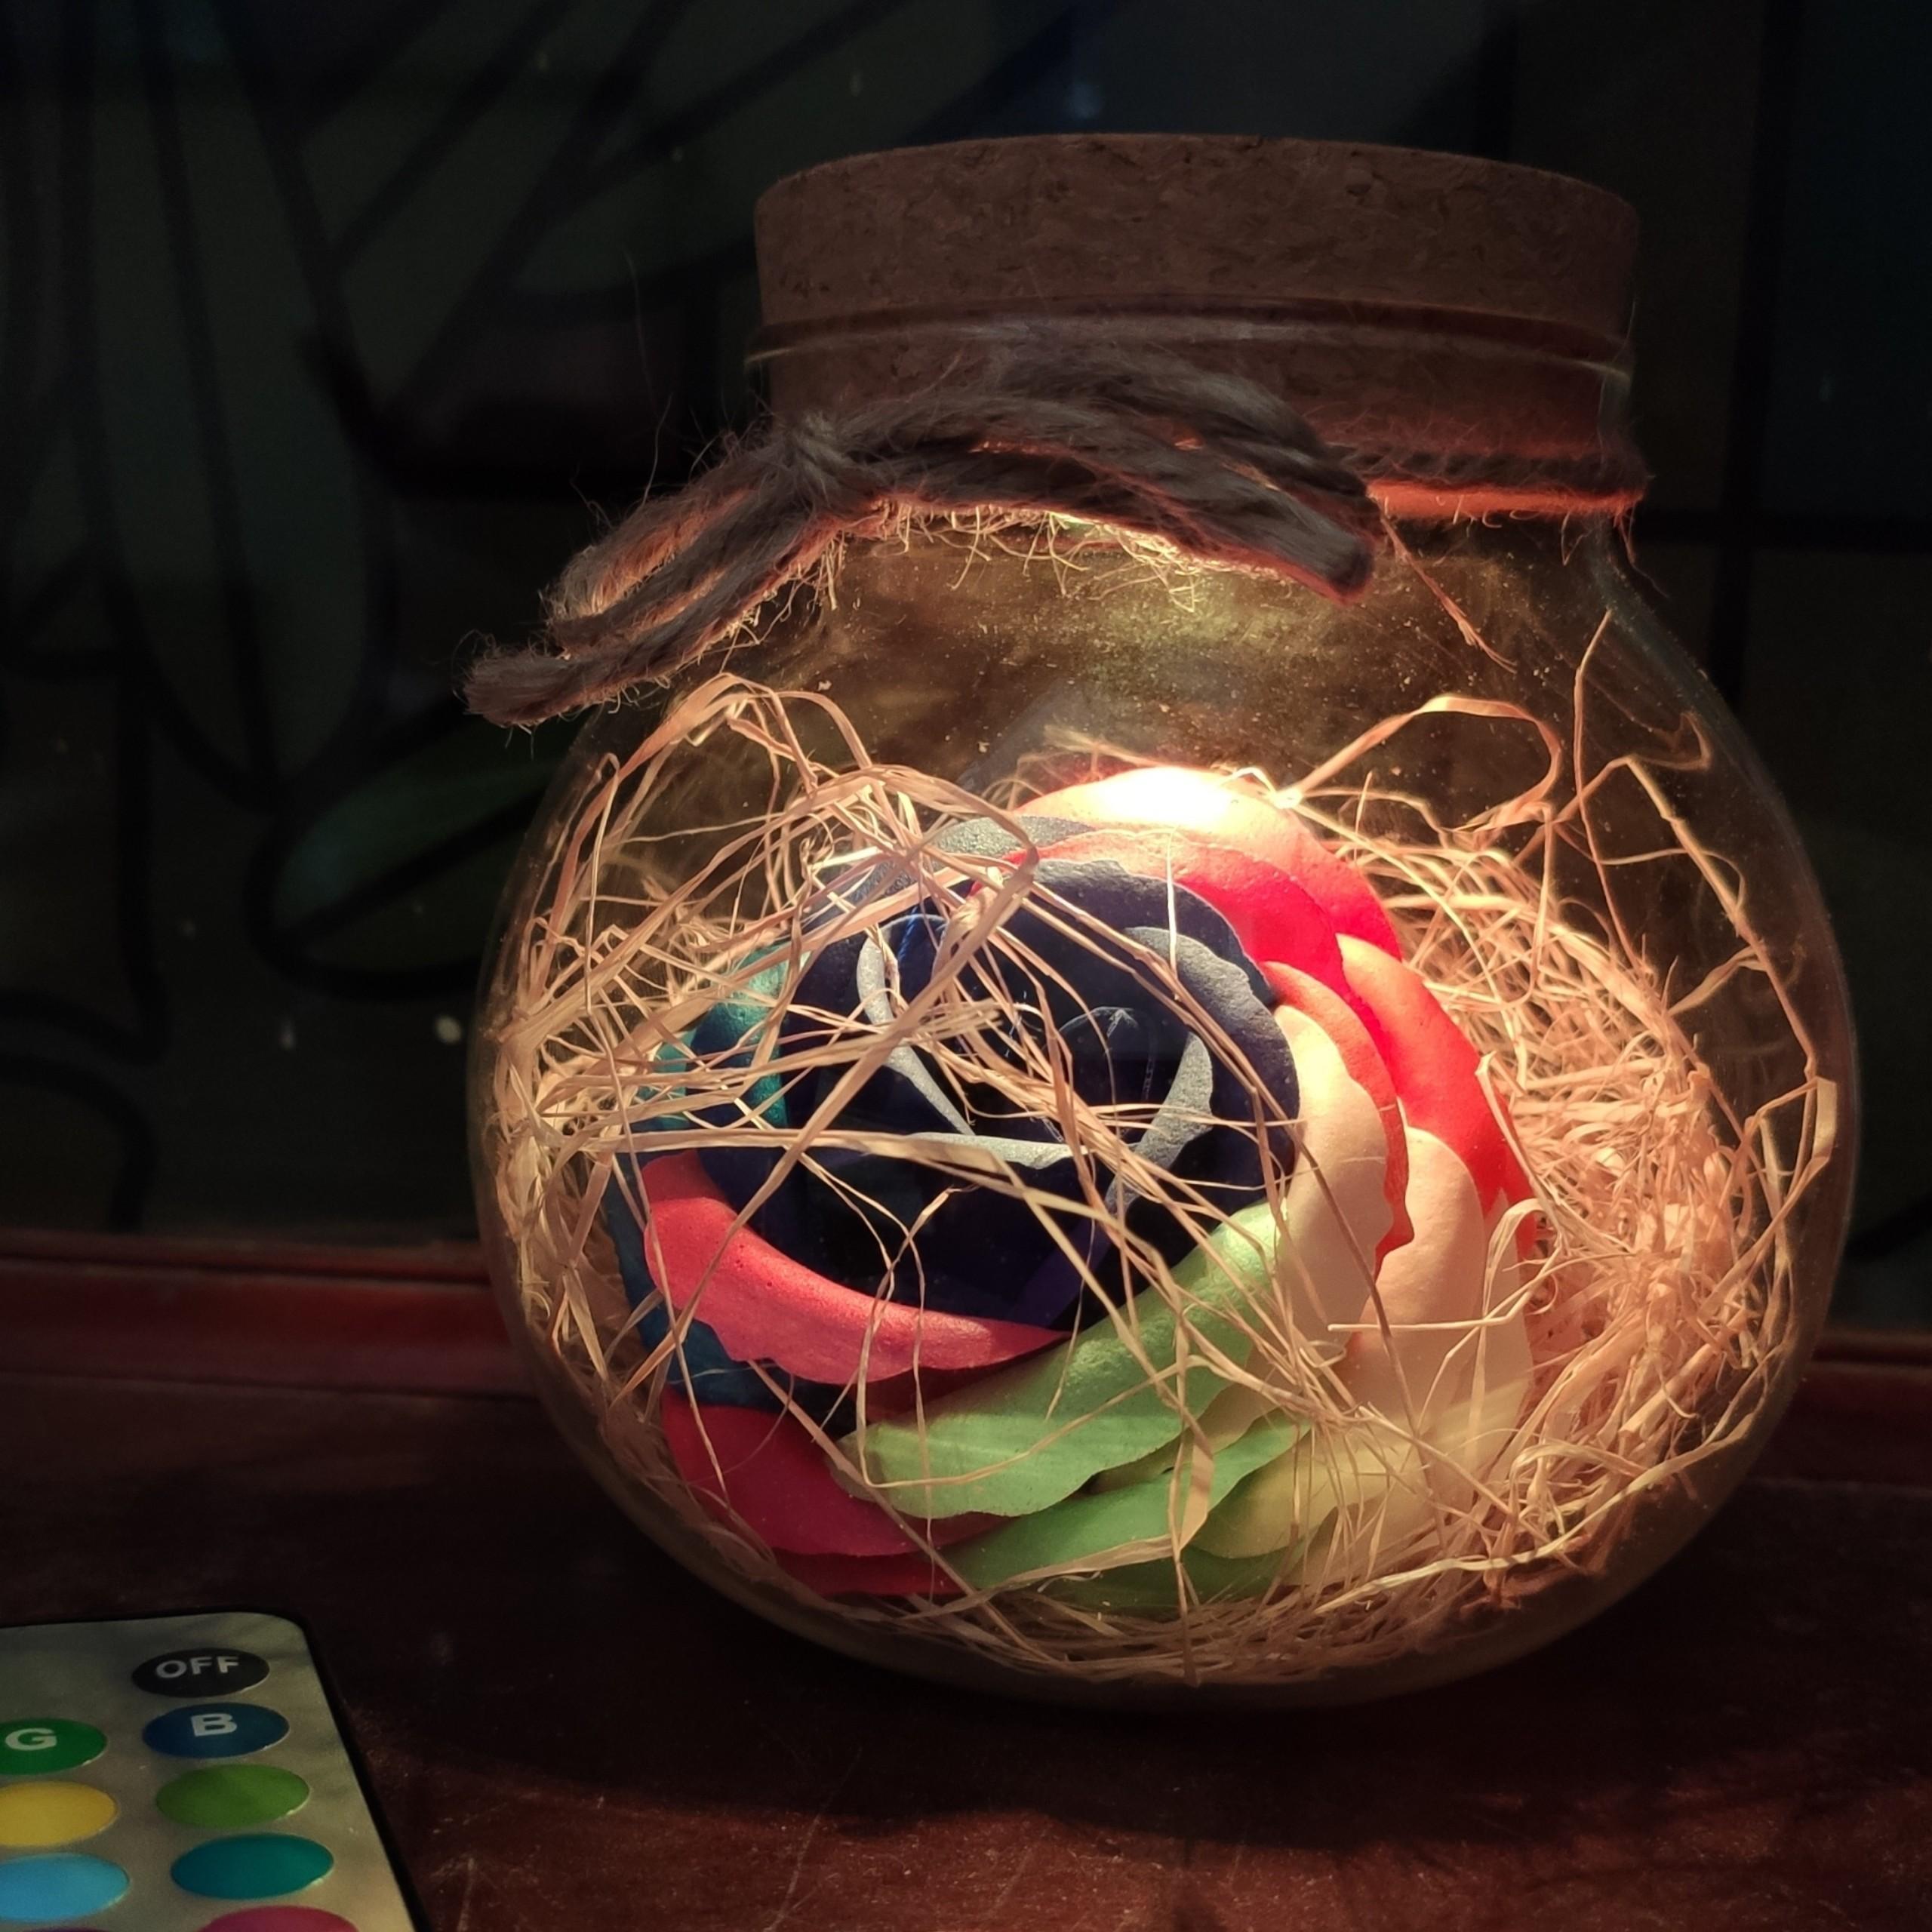 Bình Thủy Tinh Hoa Hồng 7 Màu Có Đèn Led Nhiều Màu Kèm Remote - Mẫu Ngẫu Nhiên